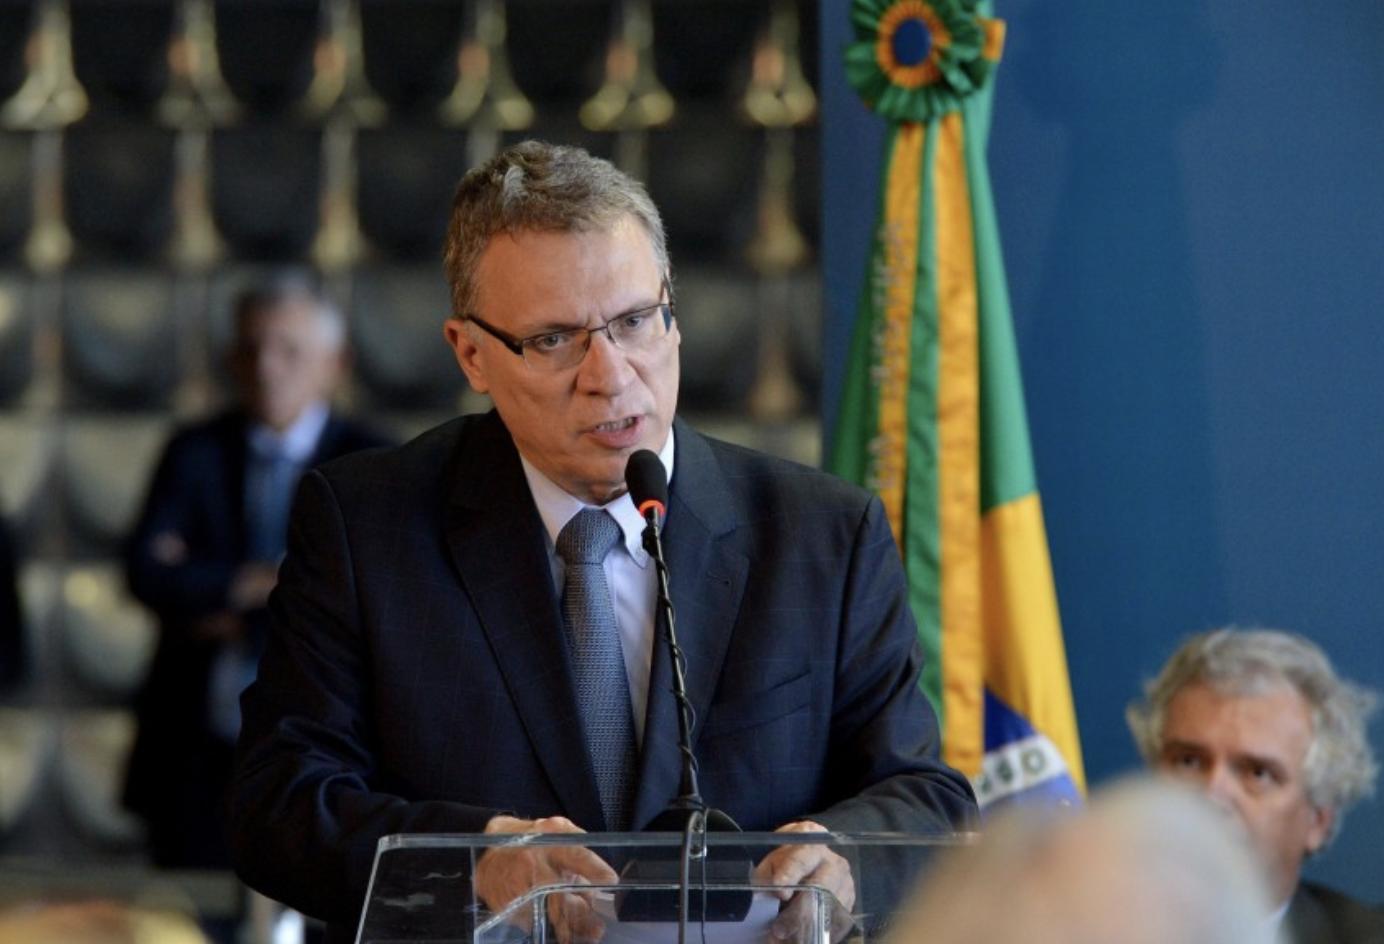 Eugênio Aragão: Justiça brasileira dorme ou é velocista, para manter Lula preso